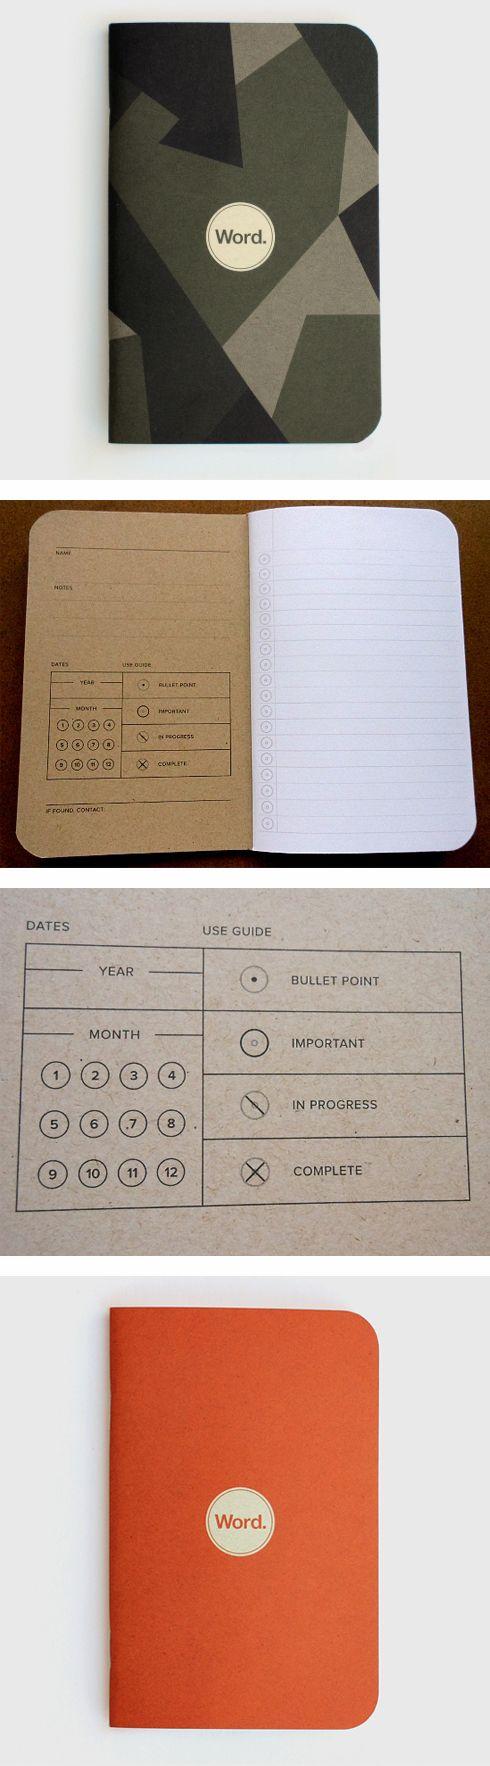 Word Notebooks  http://wordnotebooks.com